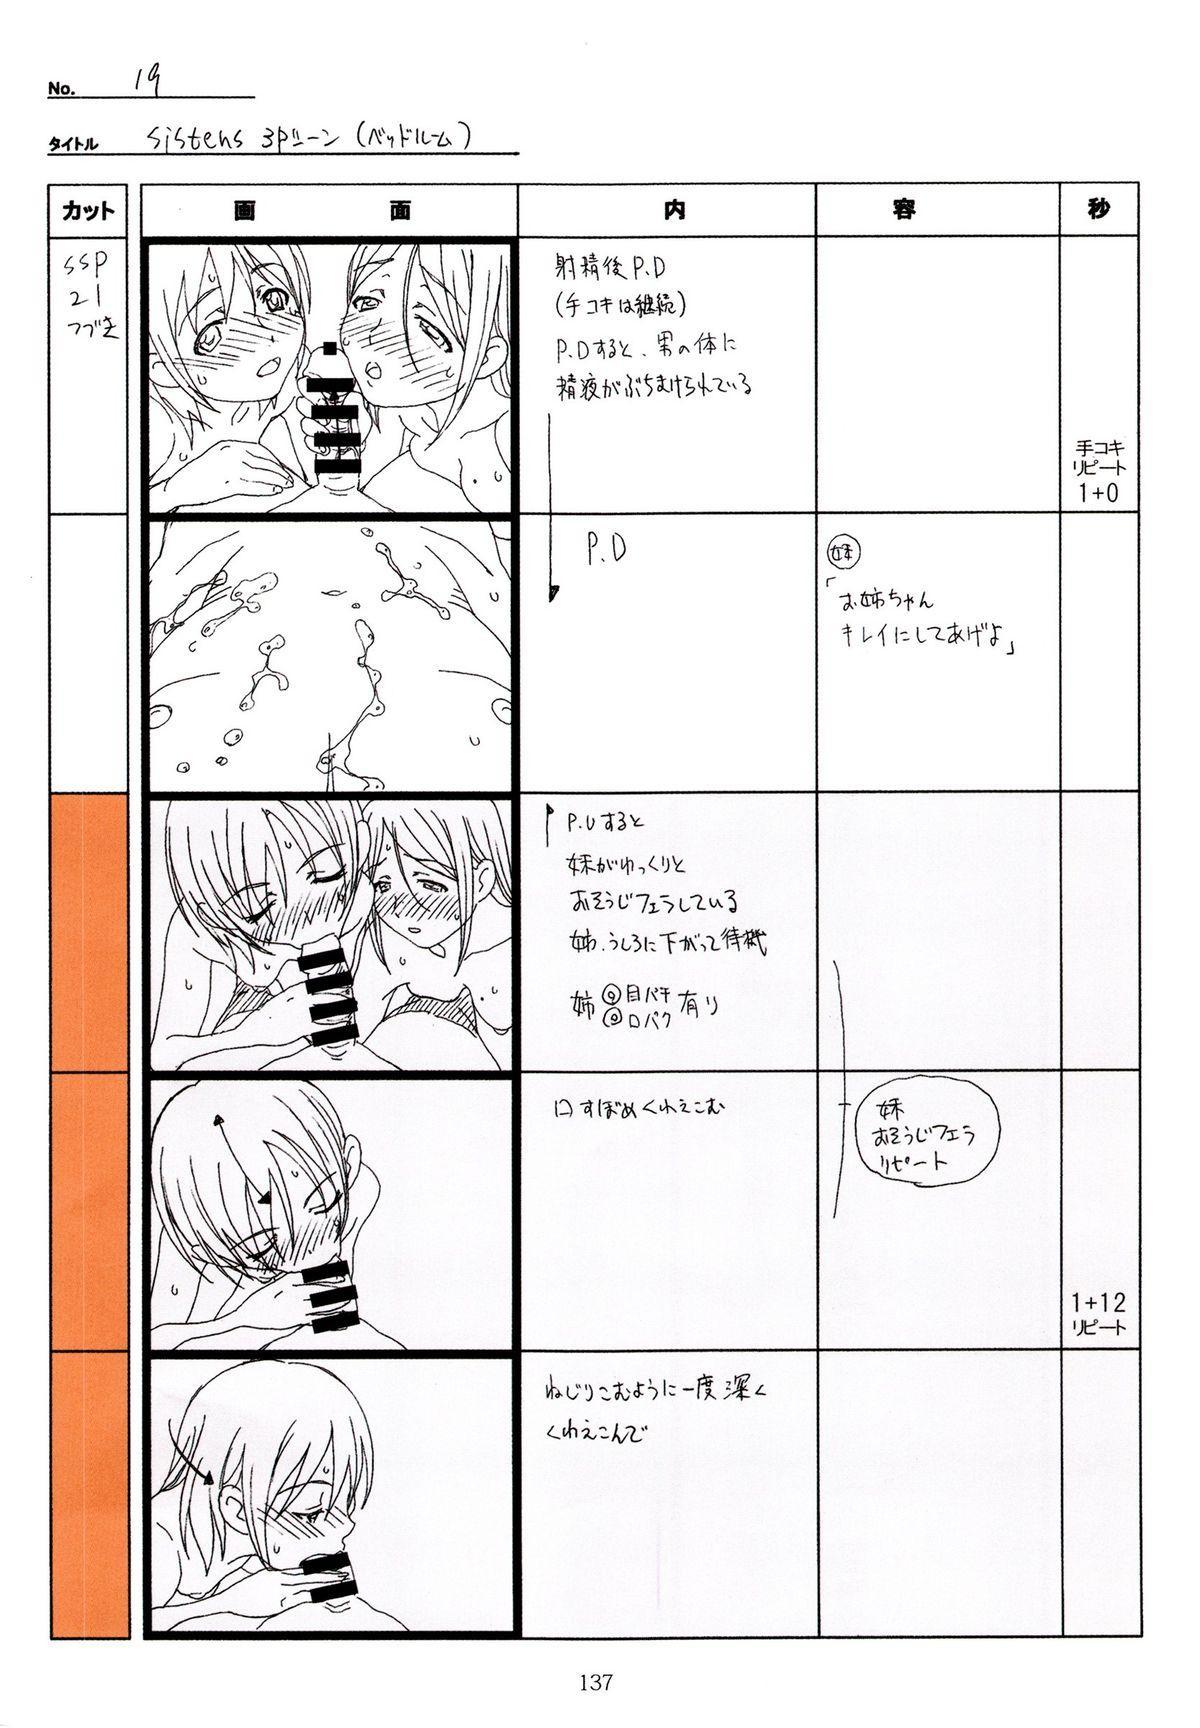 (C89) [Makino Jimusho (Taki Minashika)] SISTERS -Natsu no Saigo no Hi- H Scene All Part Storyboard (SISTERS -Natsu no Saigo no Hi-) 136